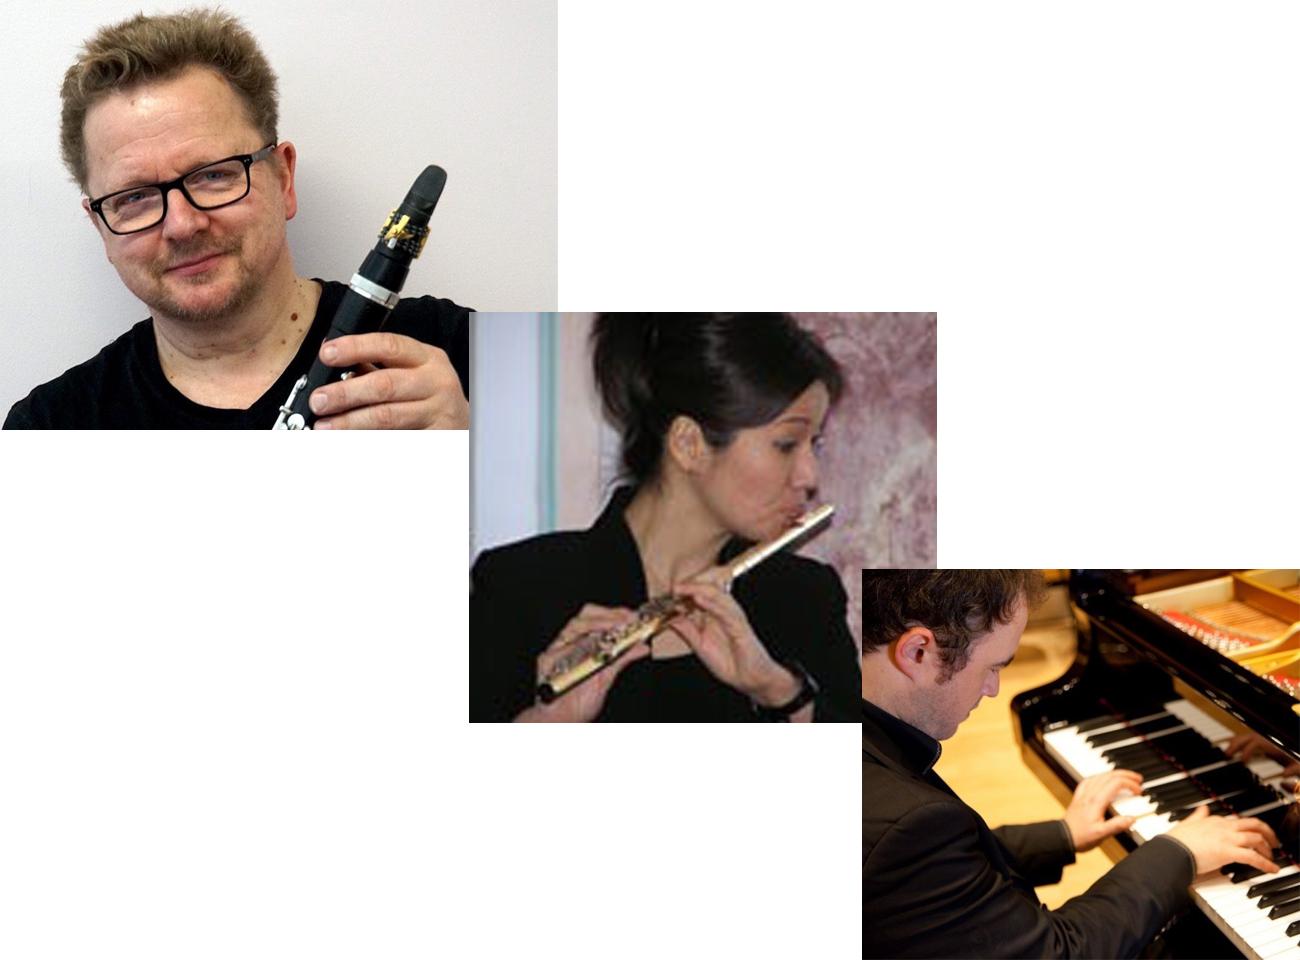 4. EichkampClassics-Konzert – Eichkamper musizieren für Eichkamper – Kammermusik der Romantik, Sonntag, 04.03.2018, 16 Uhr